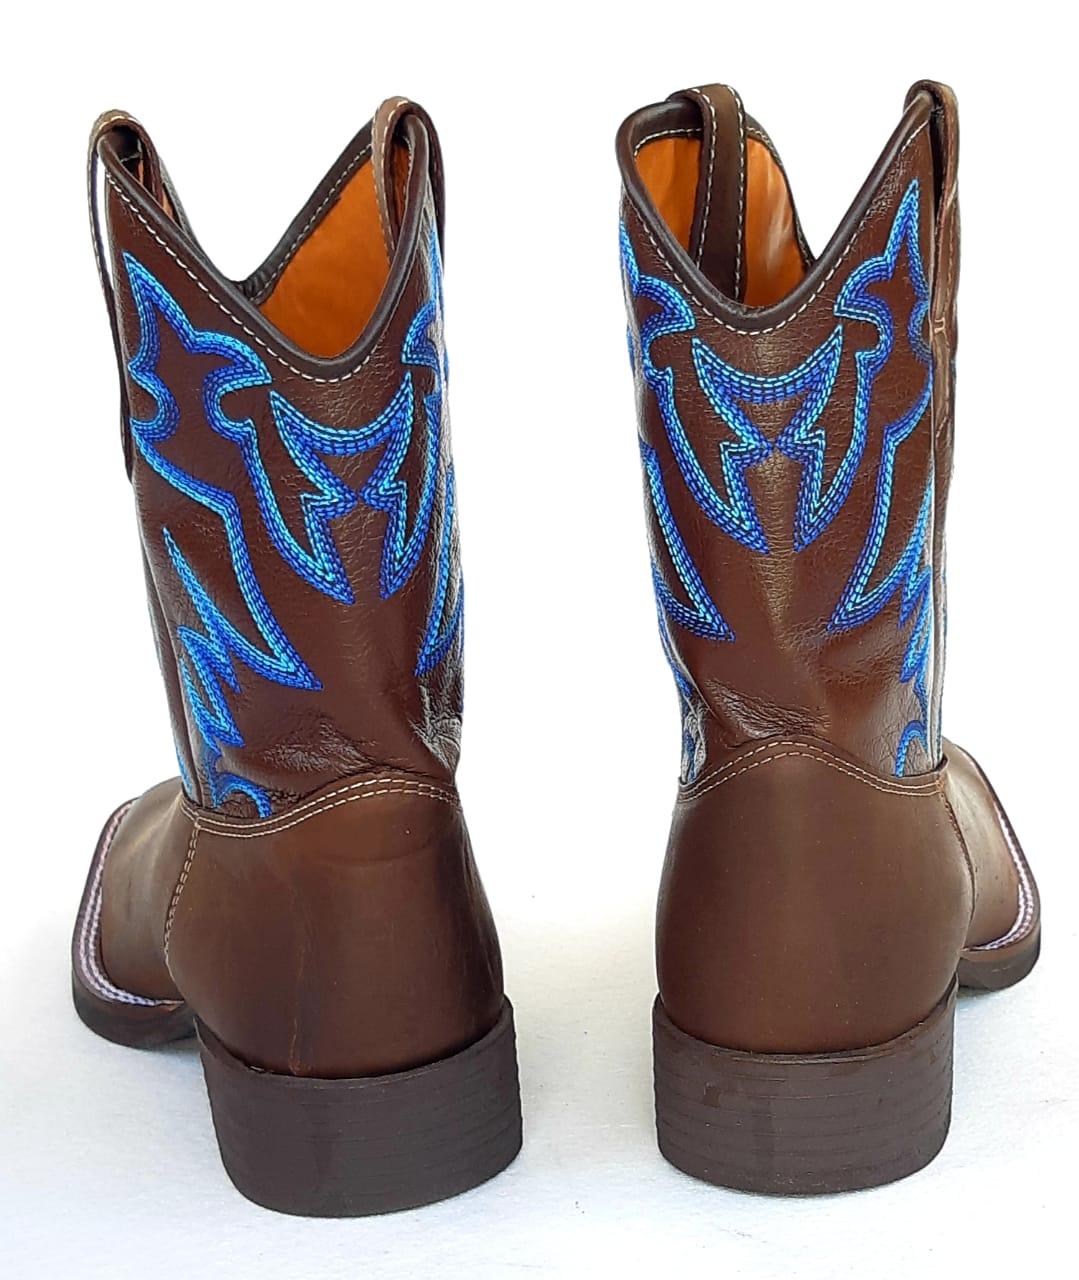 3ad100563e ... Bota Texana cano médio - Marrom com bordado azul - GURIAN COMPANY ...